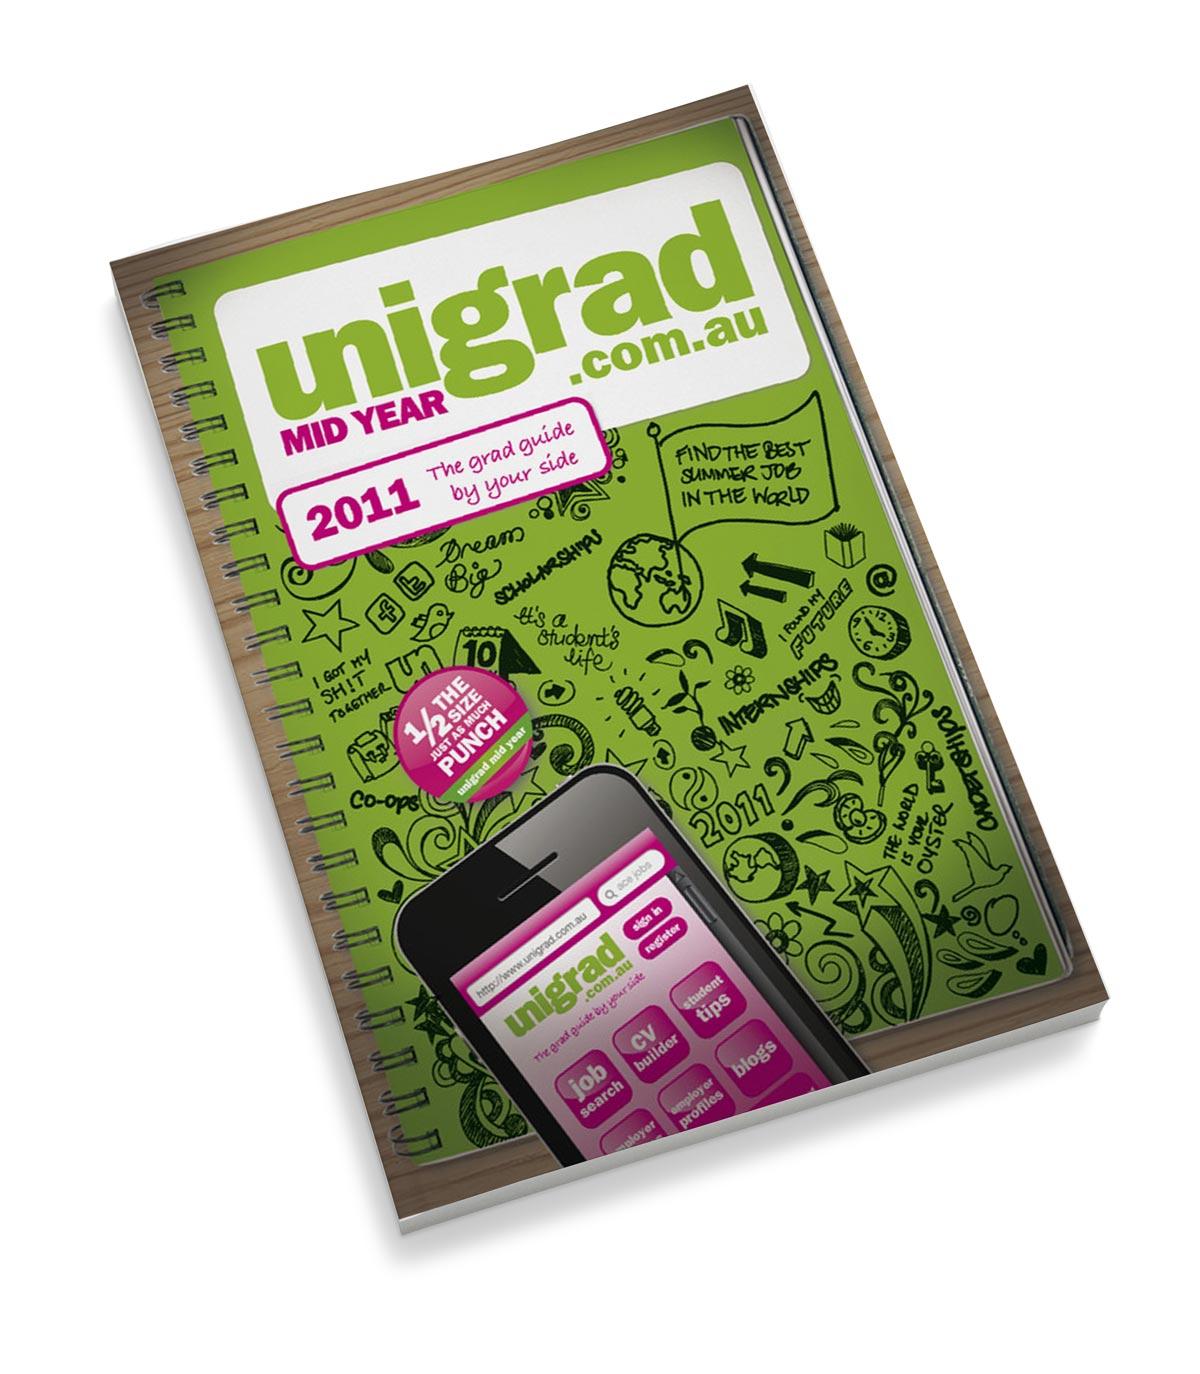 unigrad_softcover_book3